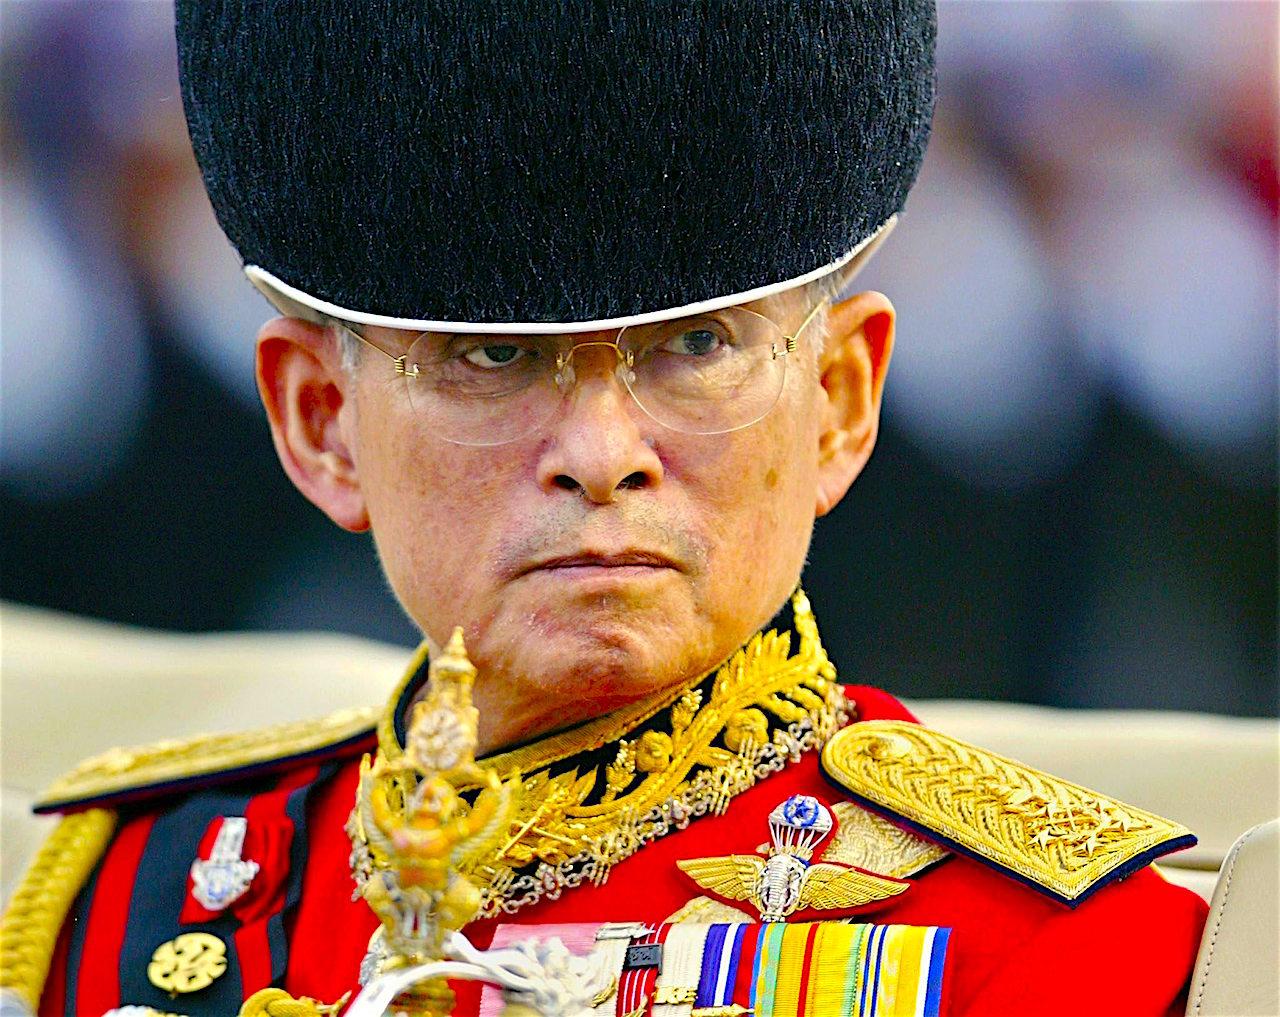 rey-Bhumibol-de-Tailandia1 Quien fue el rey de Tailandia que nunca sonreía en publico